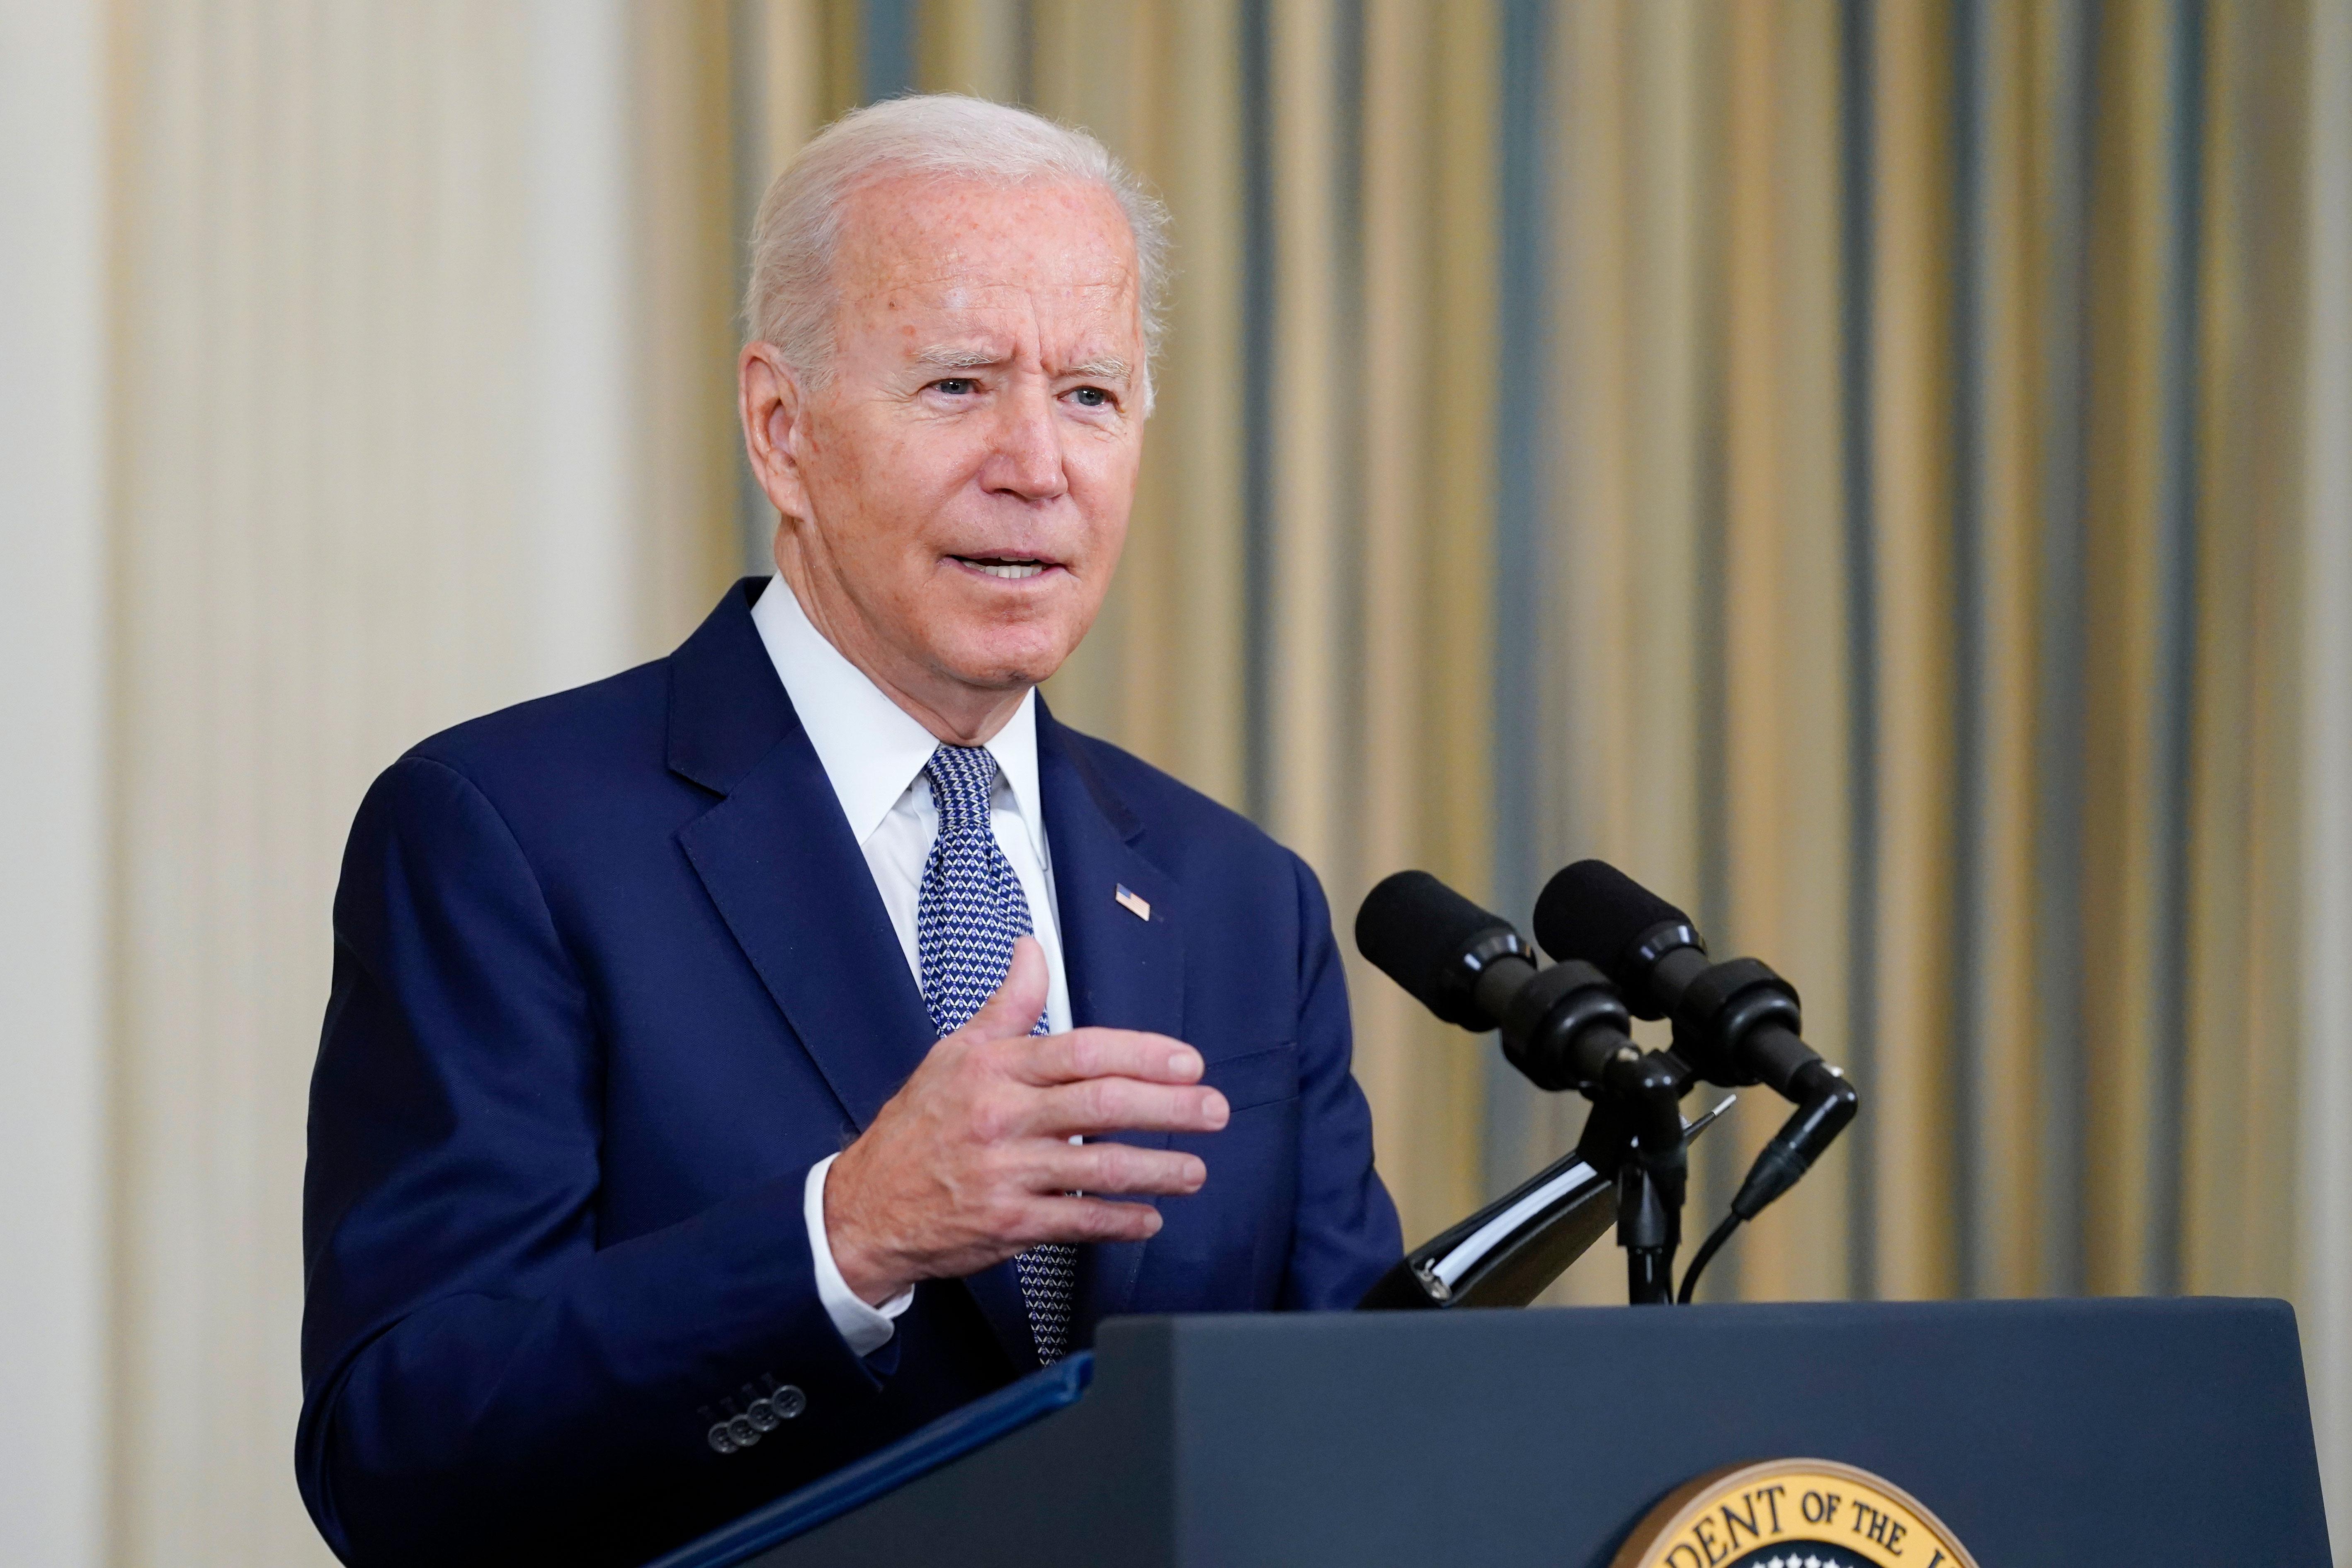 President Joe Biden speaks from the White House on September 3.